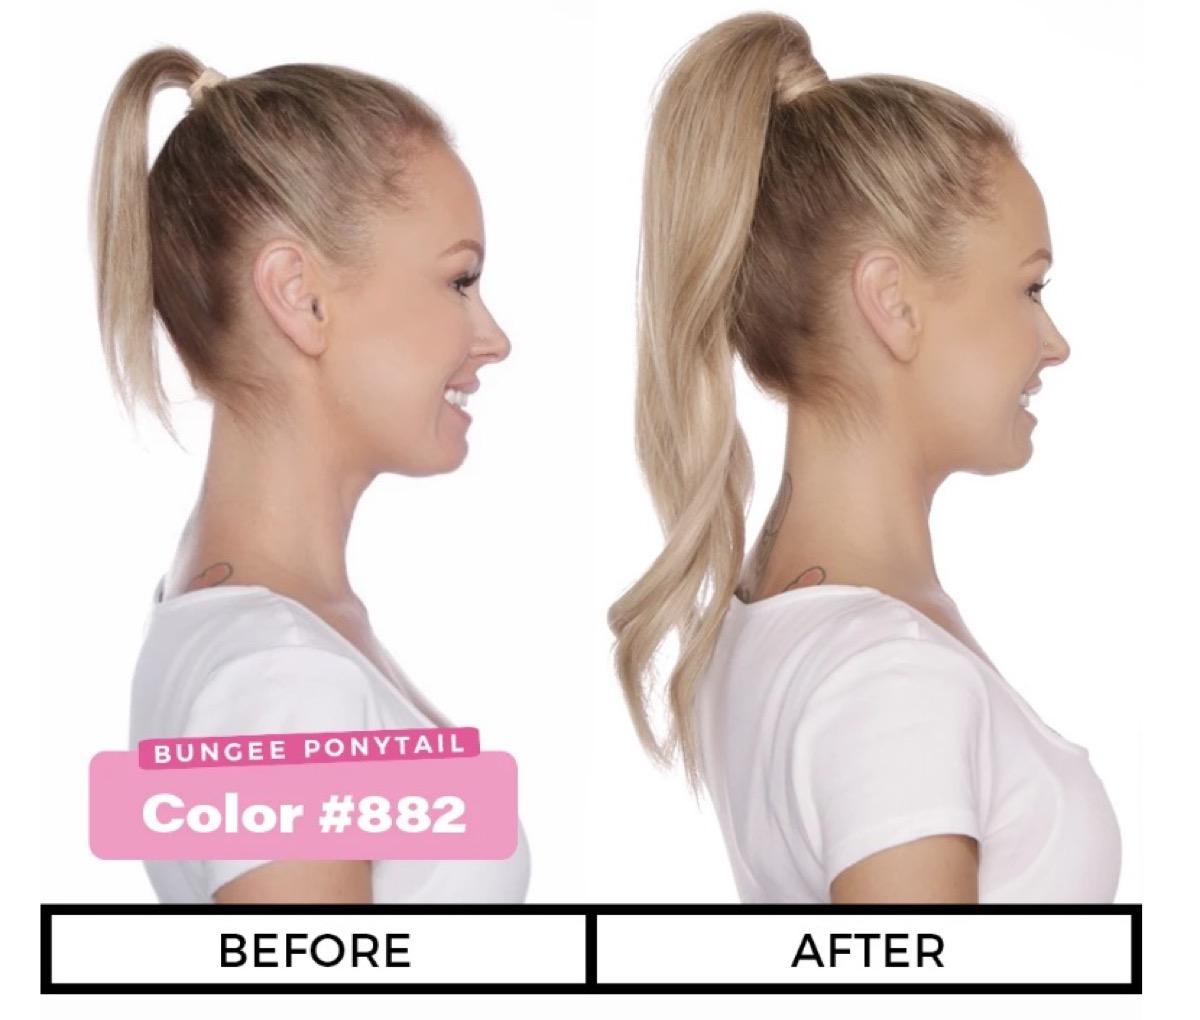 blonde woman wearing fake ponytail